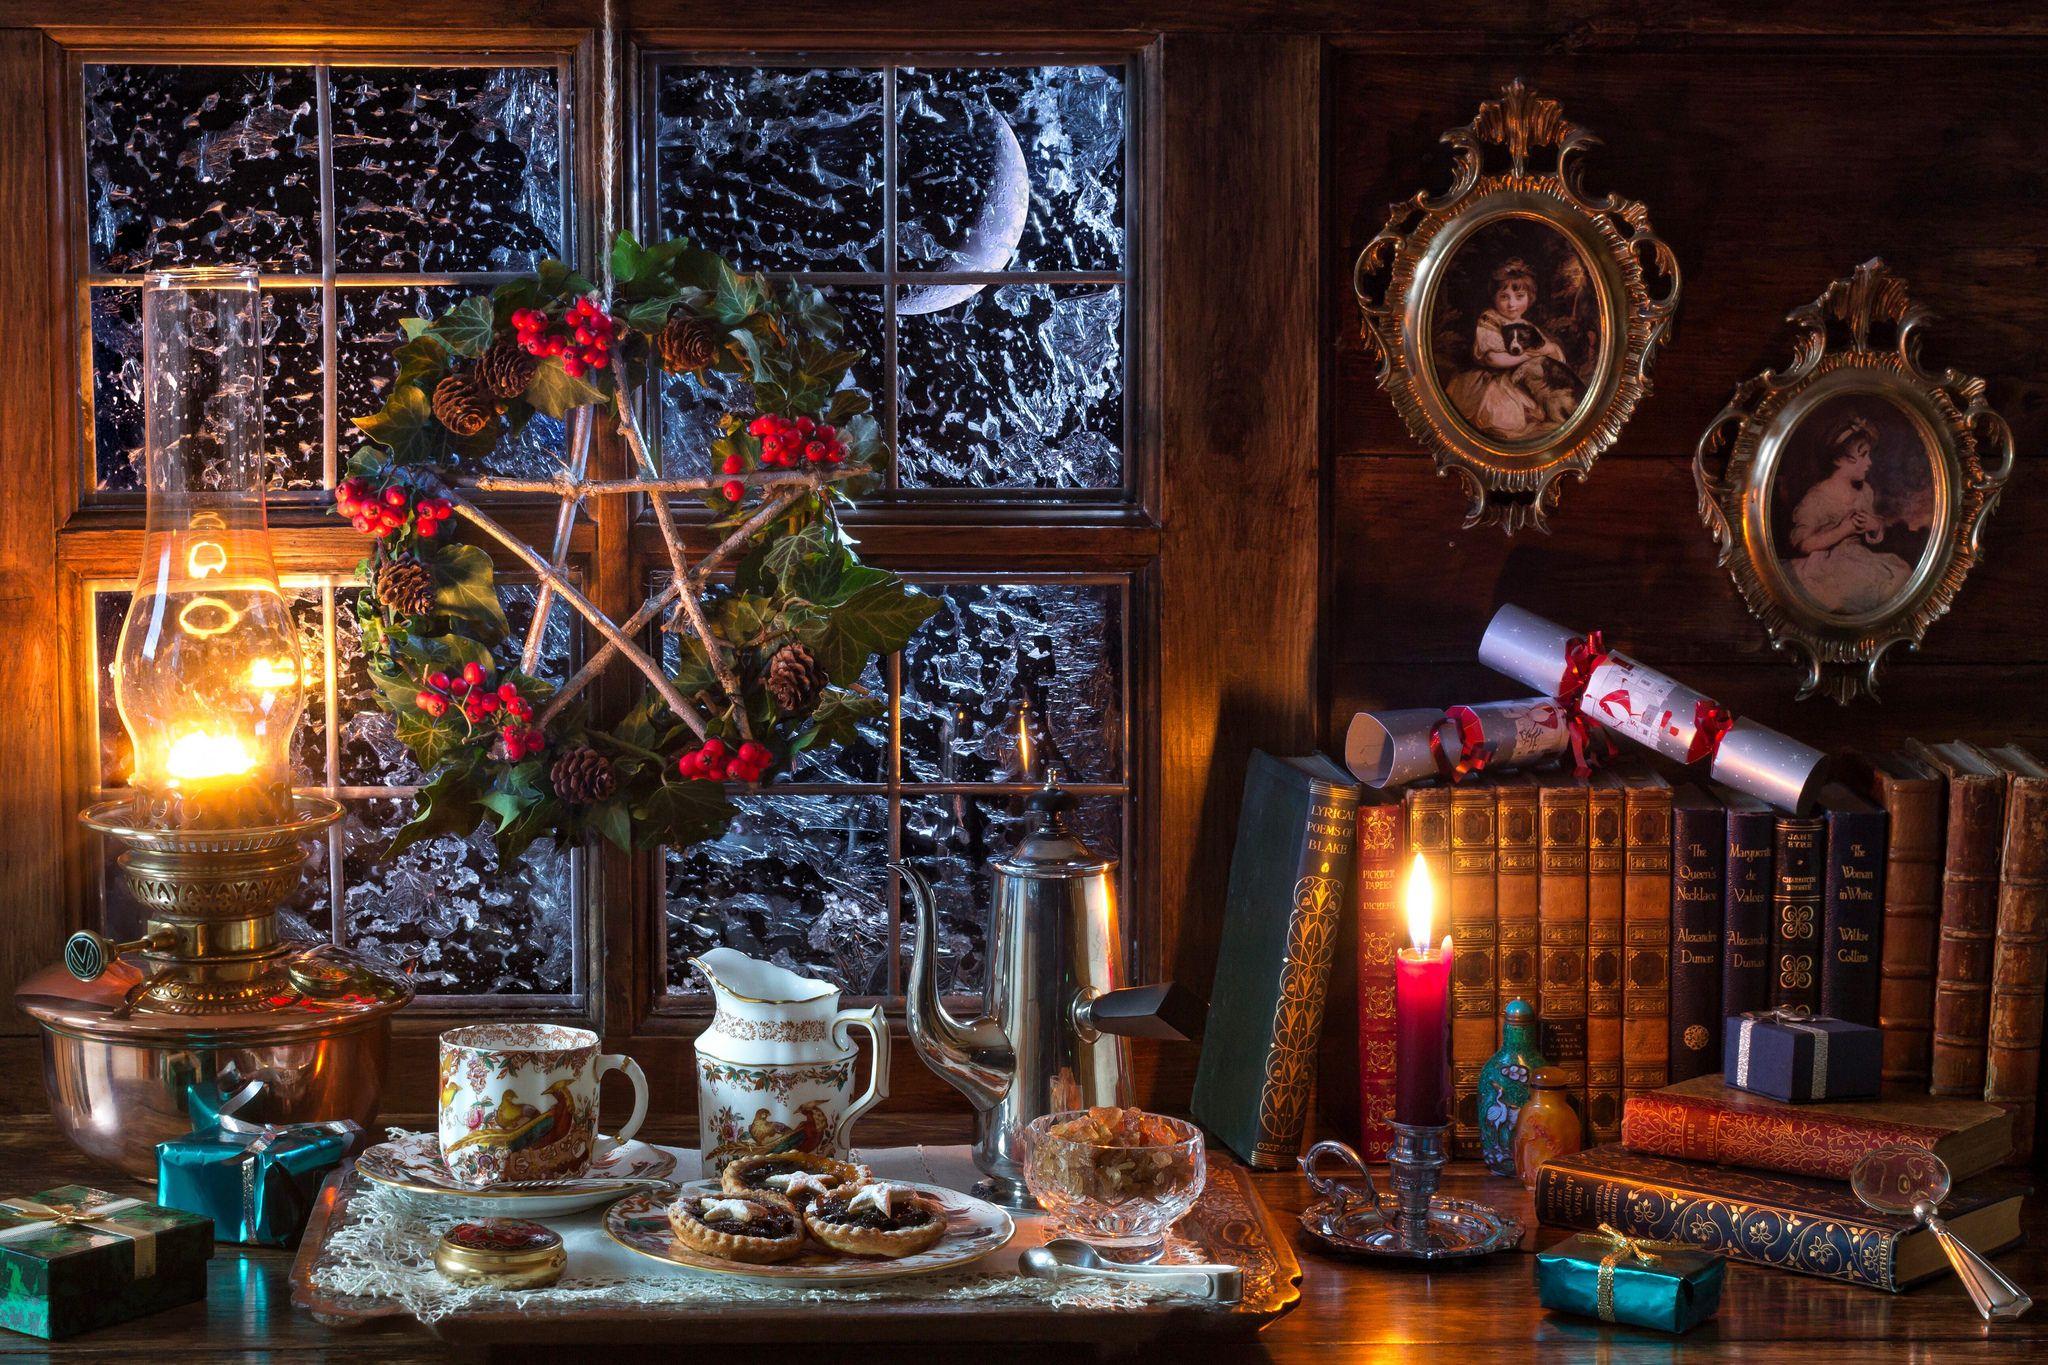 картинки уютные новогодние старинные пусть для мамы